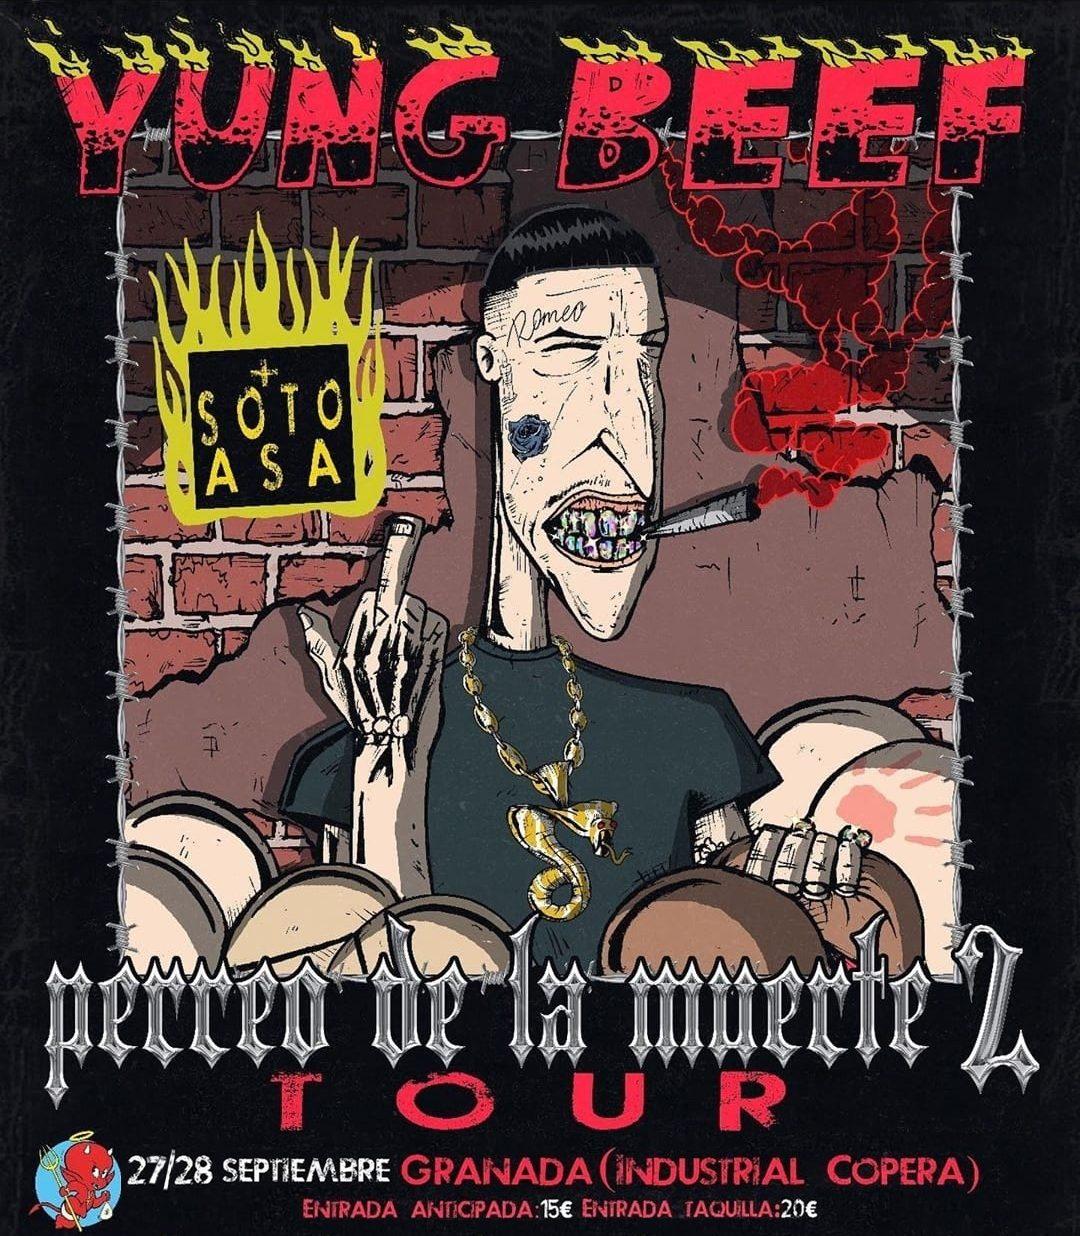 Yung Beef & Soto Asa: Perreo De La Muerte 2 Tour @ Industrial Copera | La Zubia | Andalucía | España